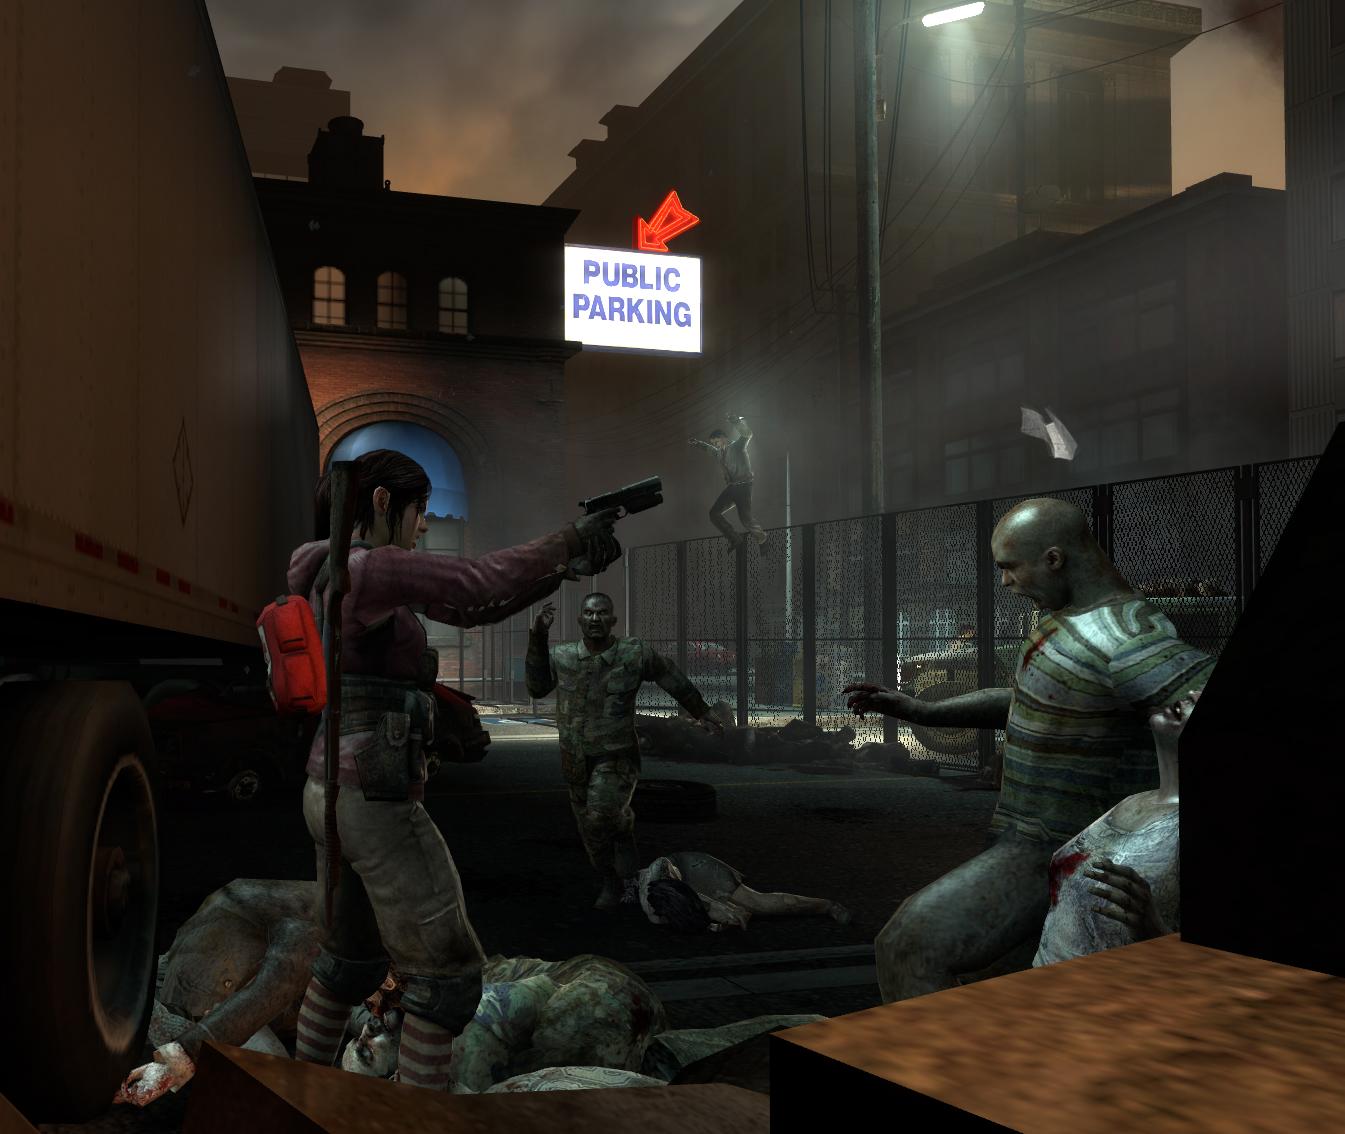 Screenshots - valvearchive com > archive > Left 4 Dead > Left 4 Dead